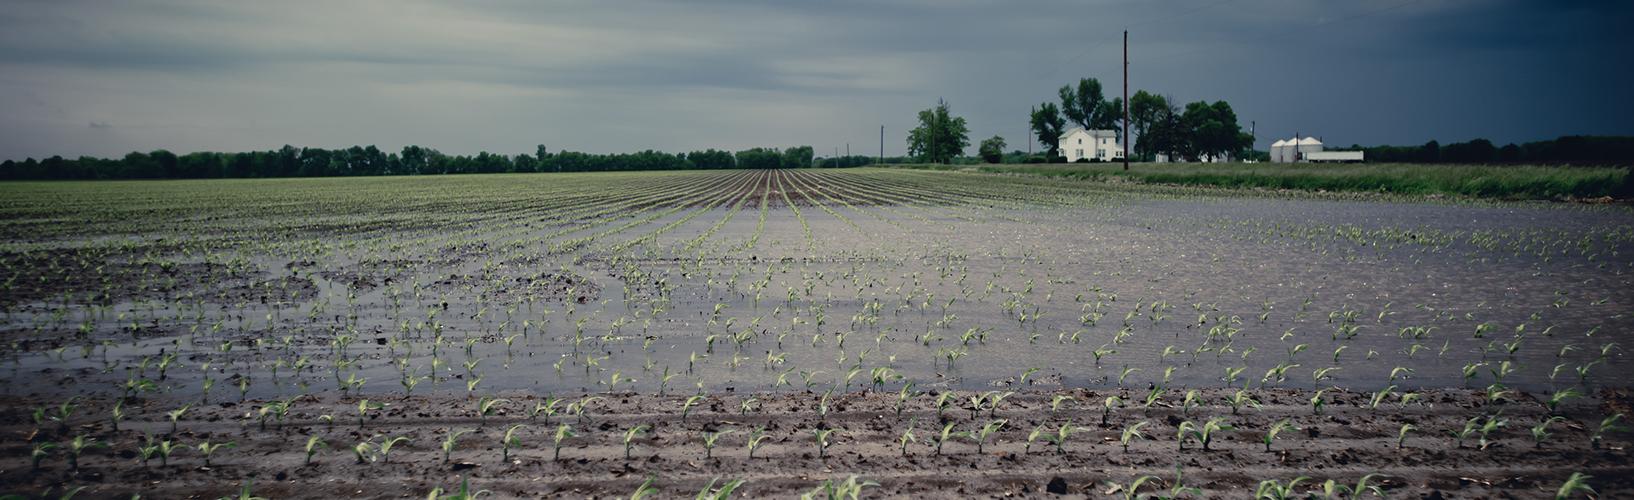 rain-in-field